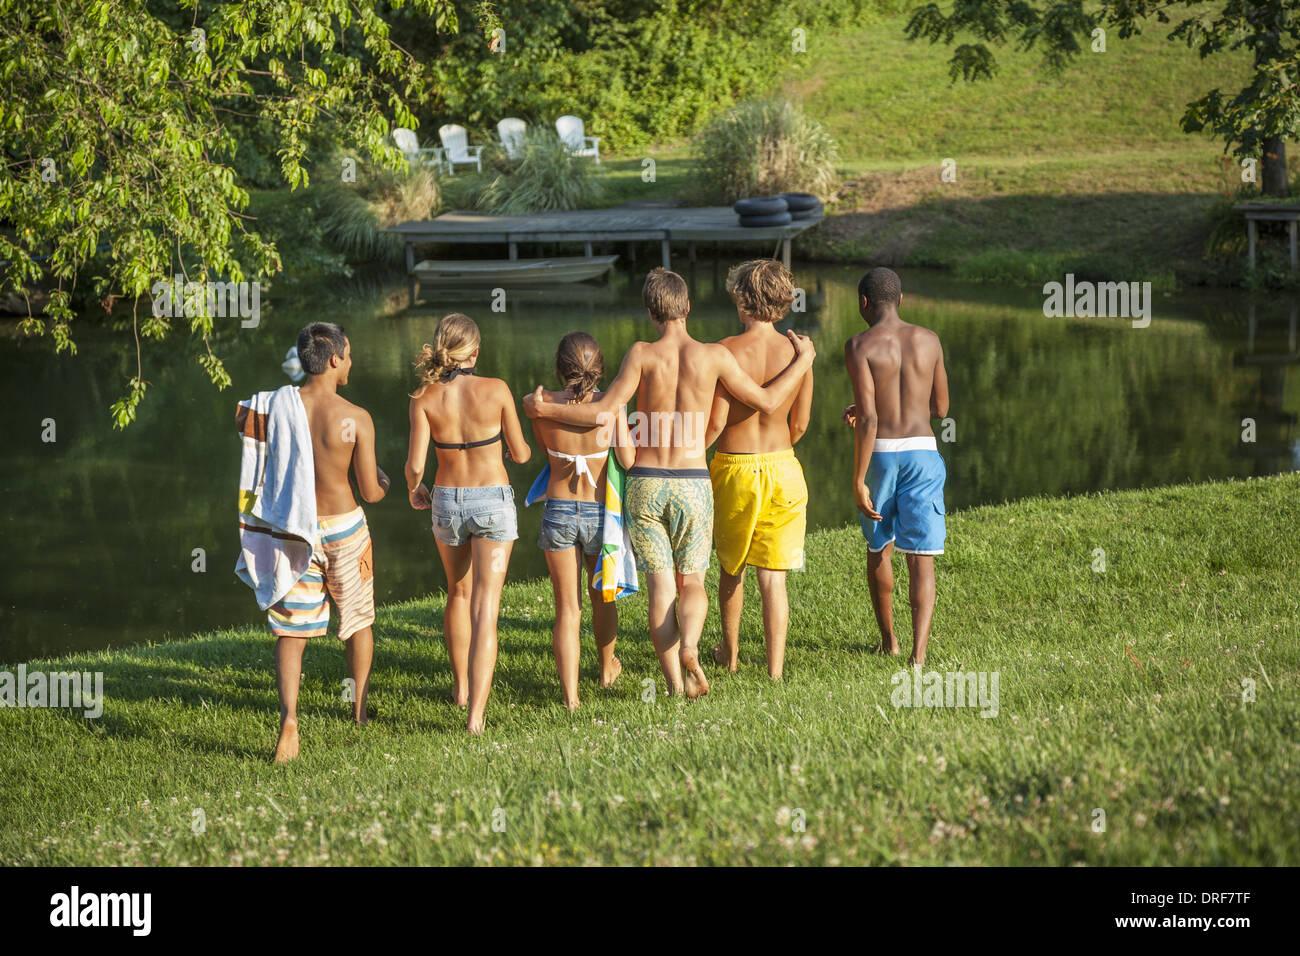 Maryland usa un folto gruppo di ragazzi e ragazze adolescenti in esecuzione Immagini Stock